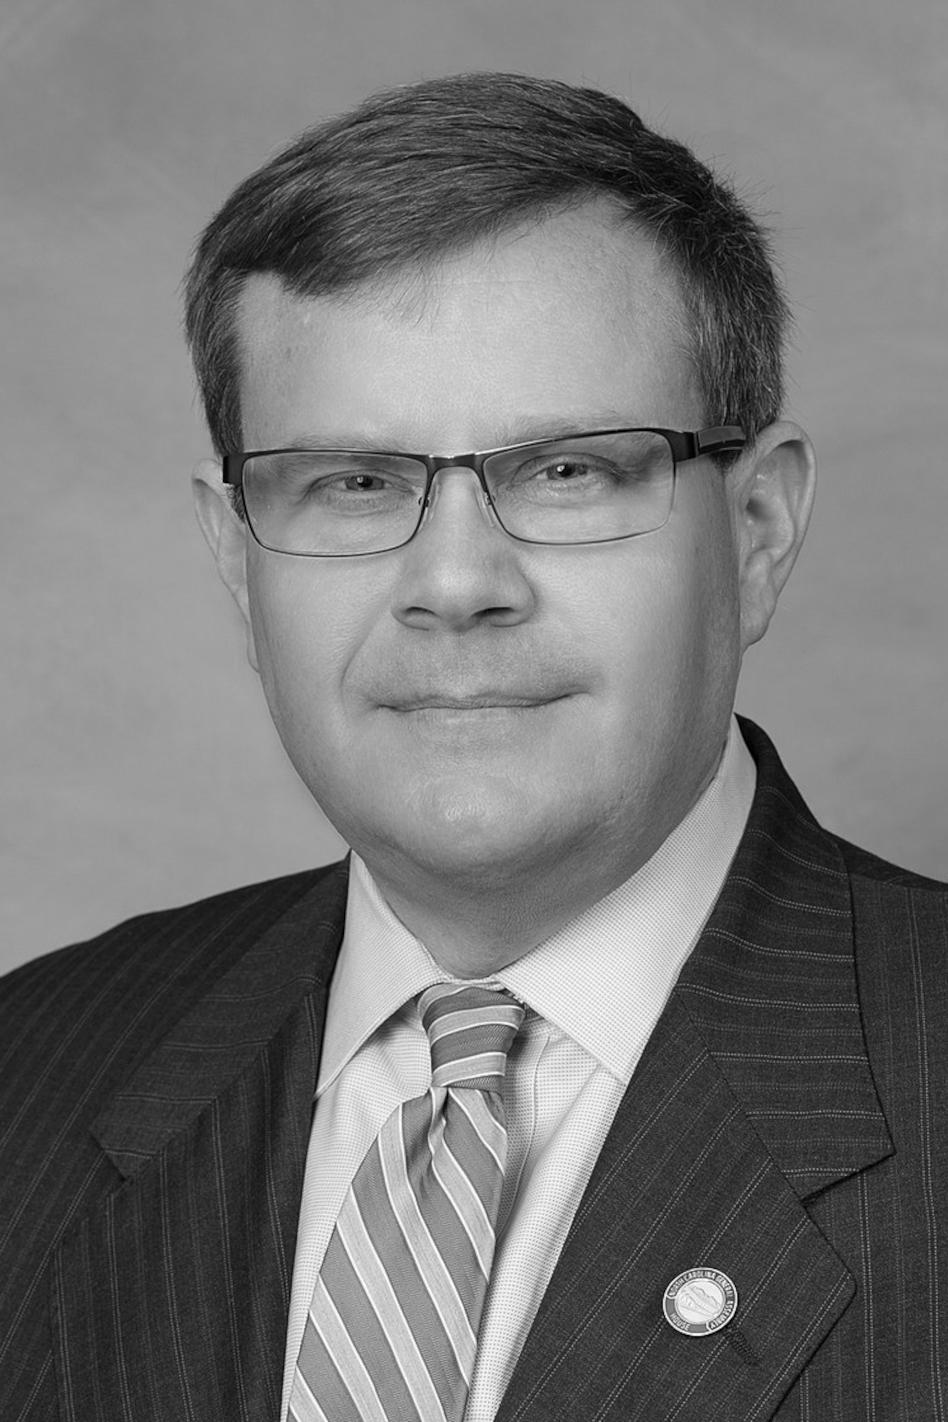 Speaker Tim Moore